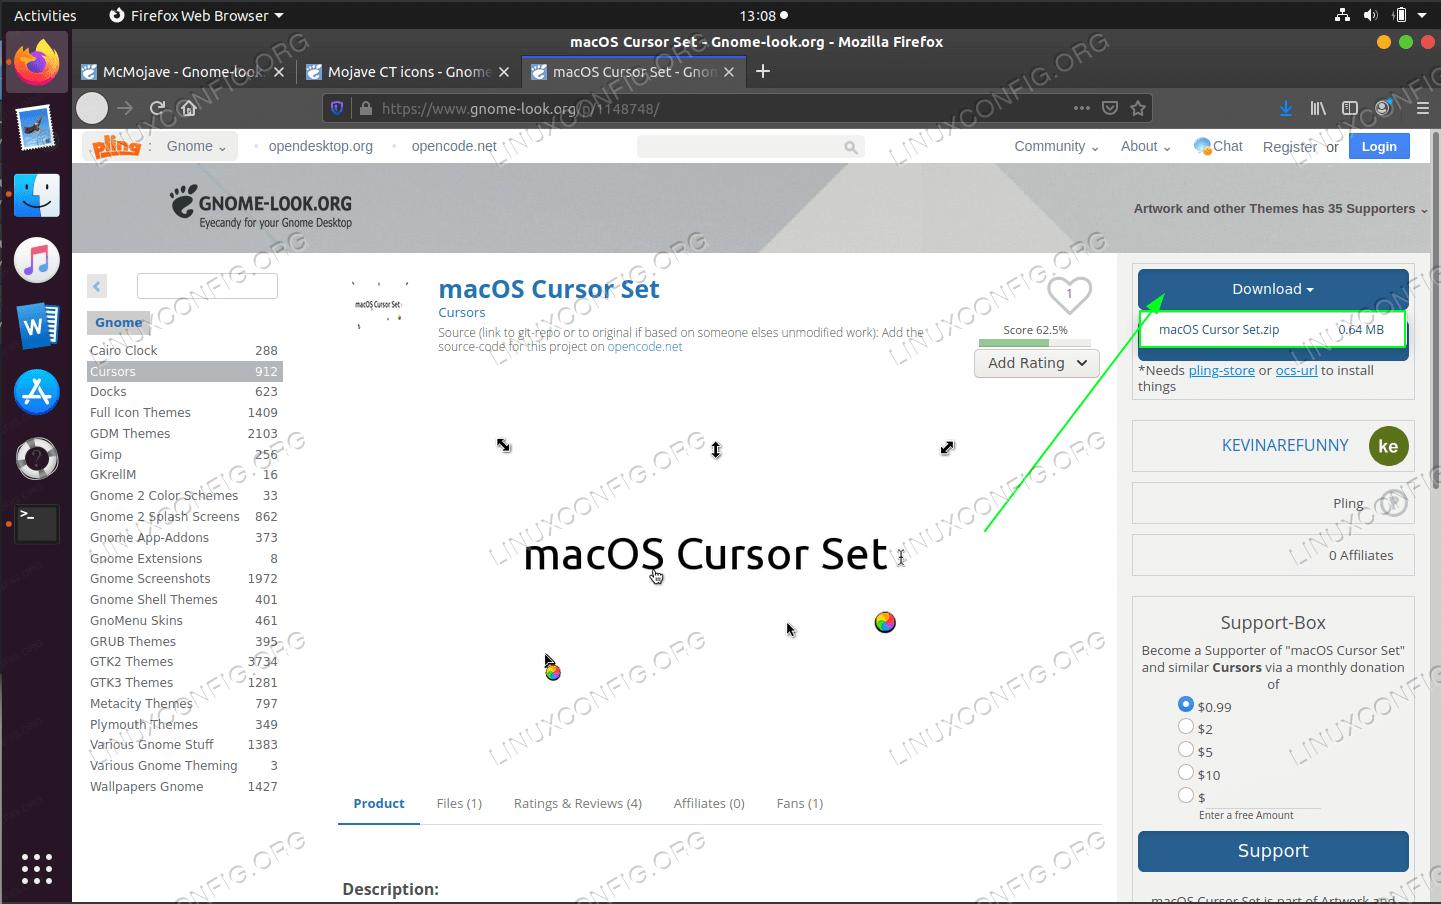 download the macOS cursor set